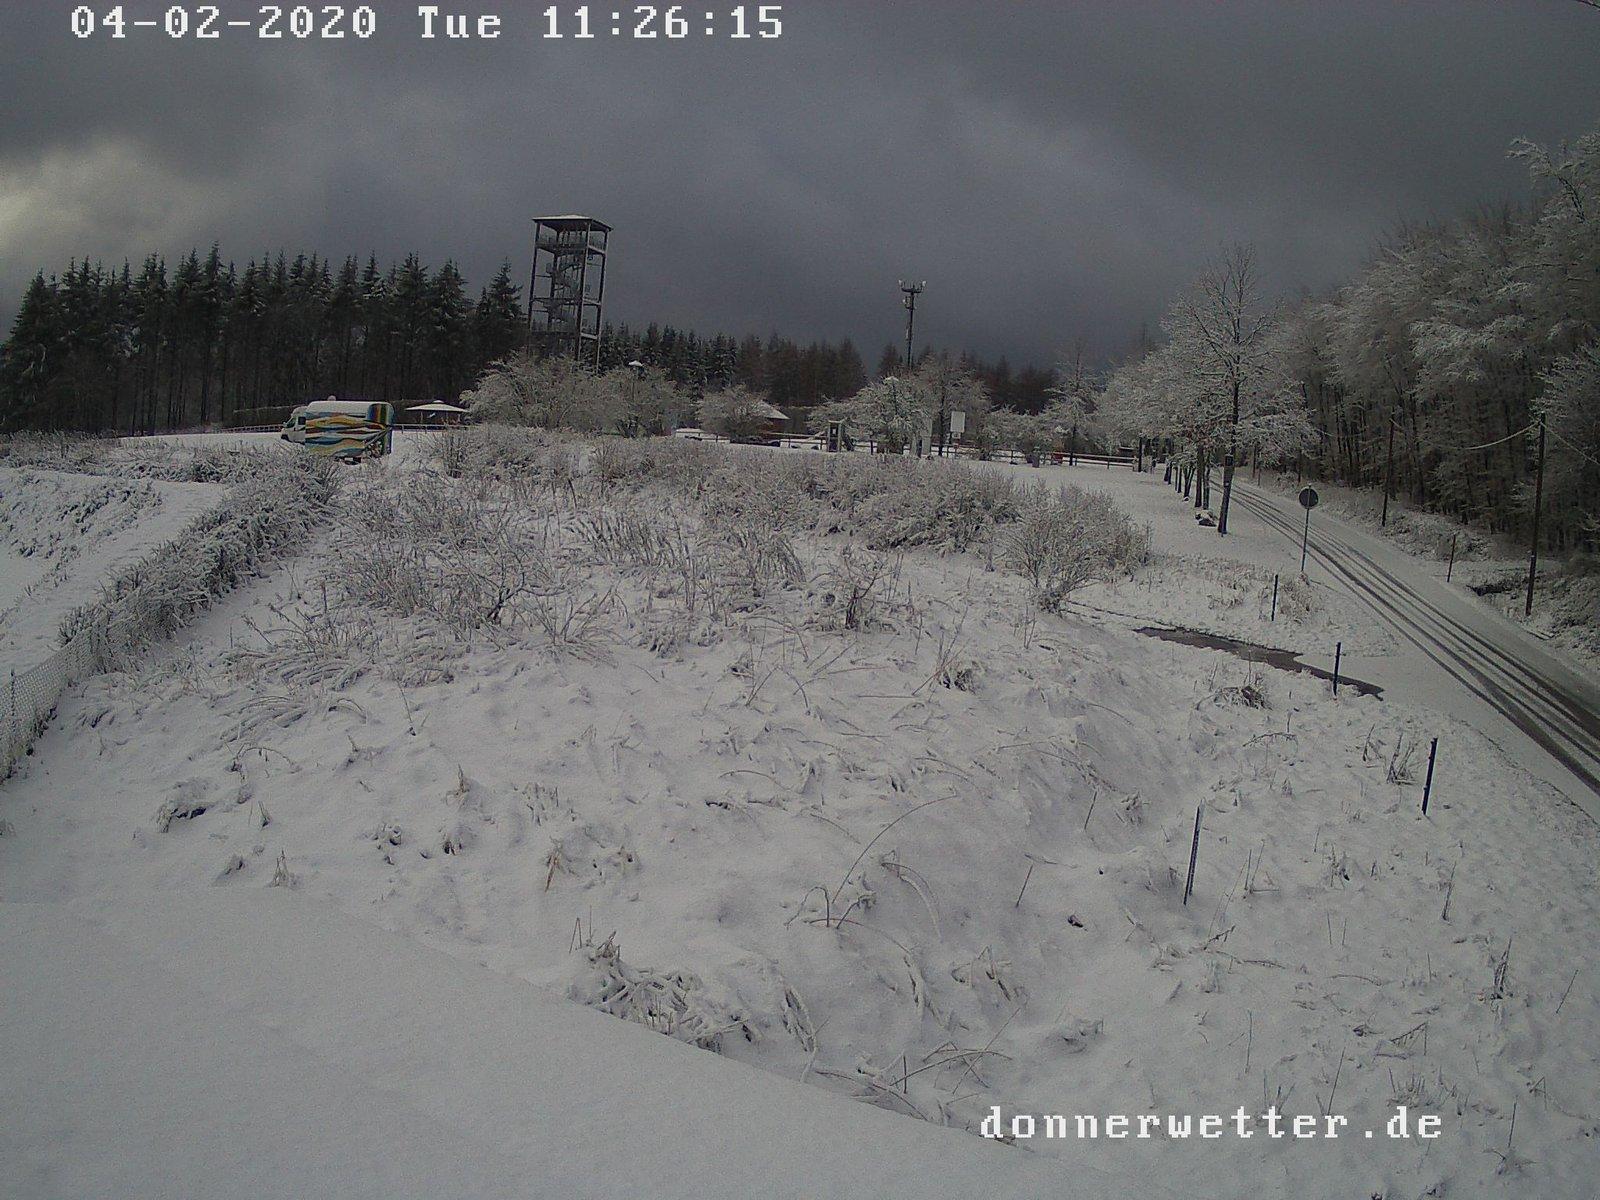 Webcam Weisser Stein 2020-02-04 11-26